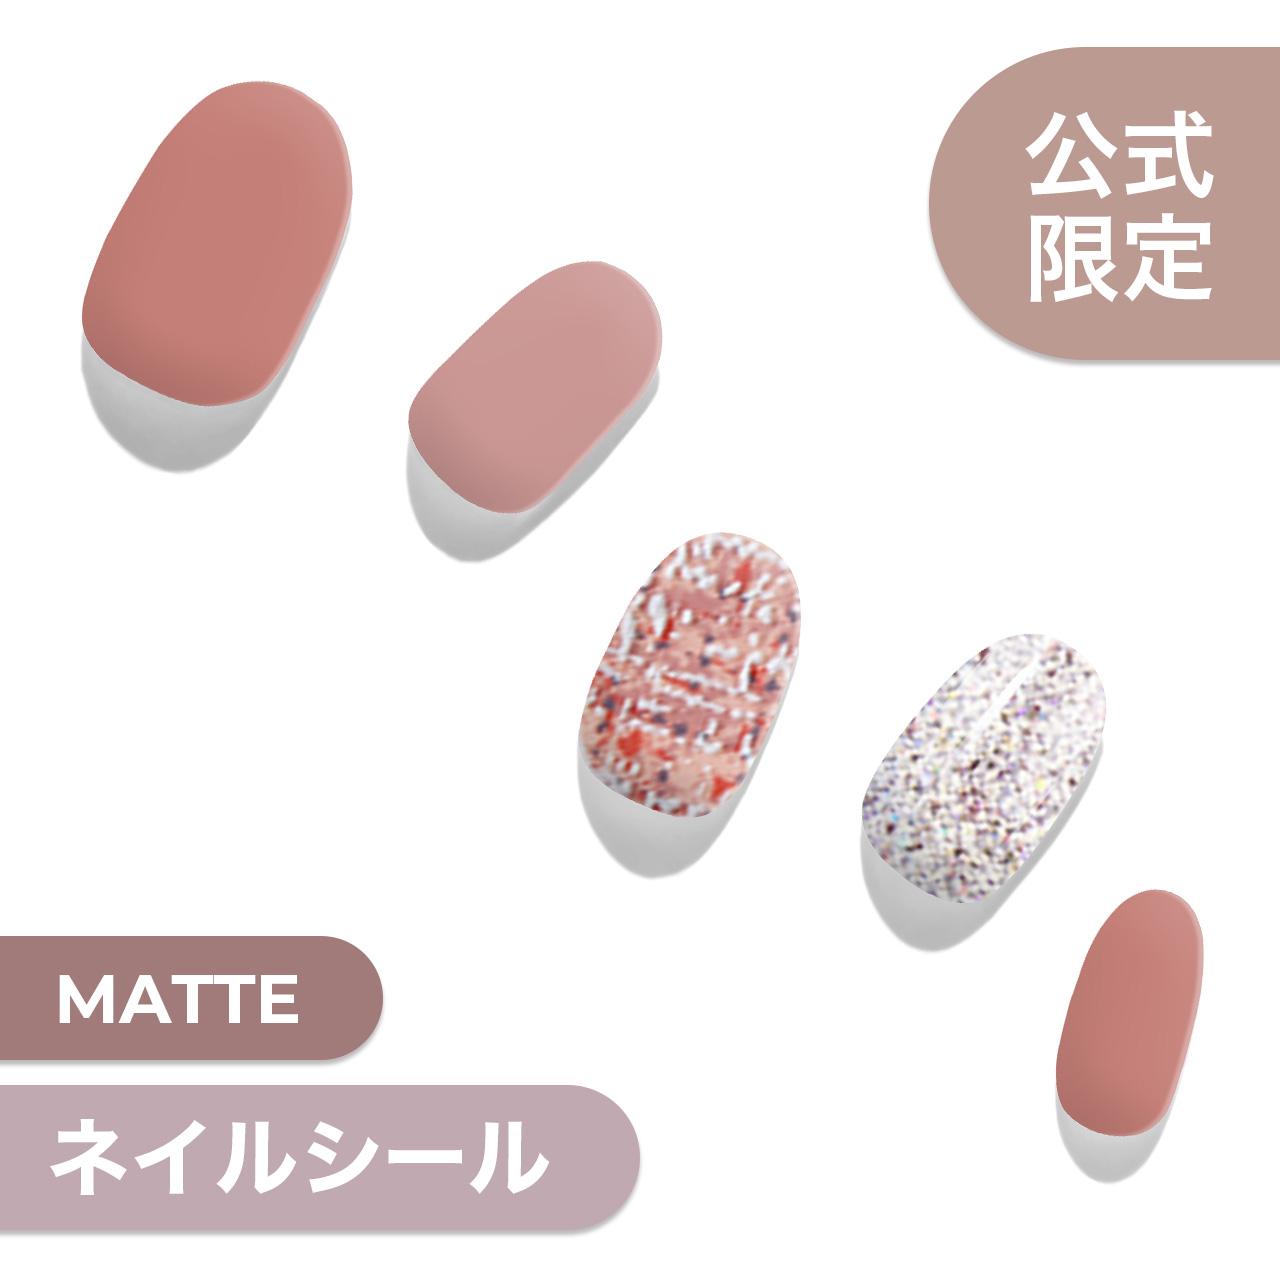 【Romantic Jacket】ダッシングディバグロスジェルネイルシール